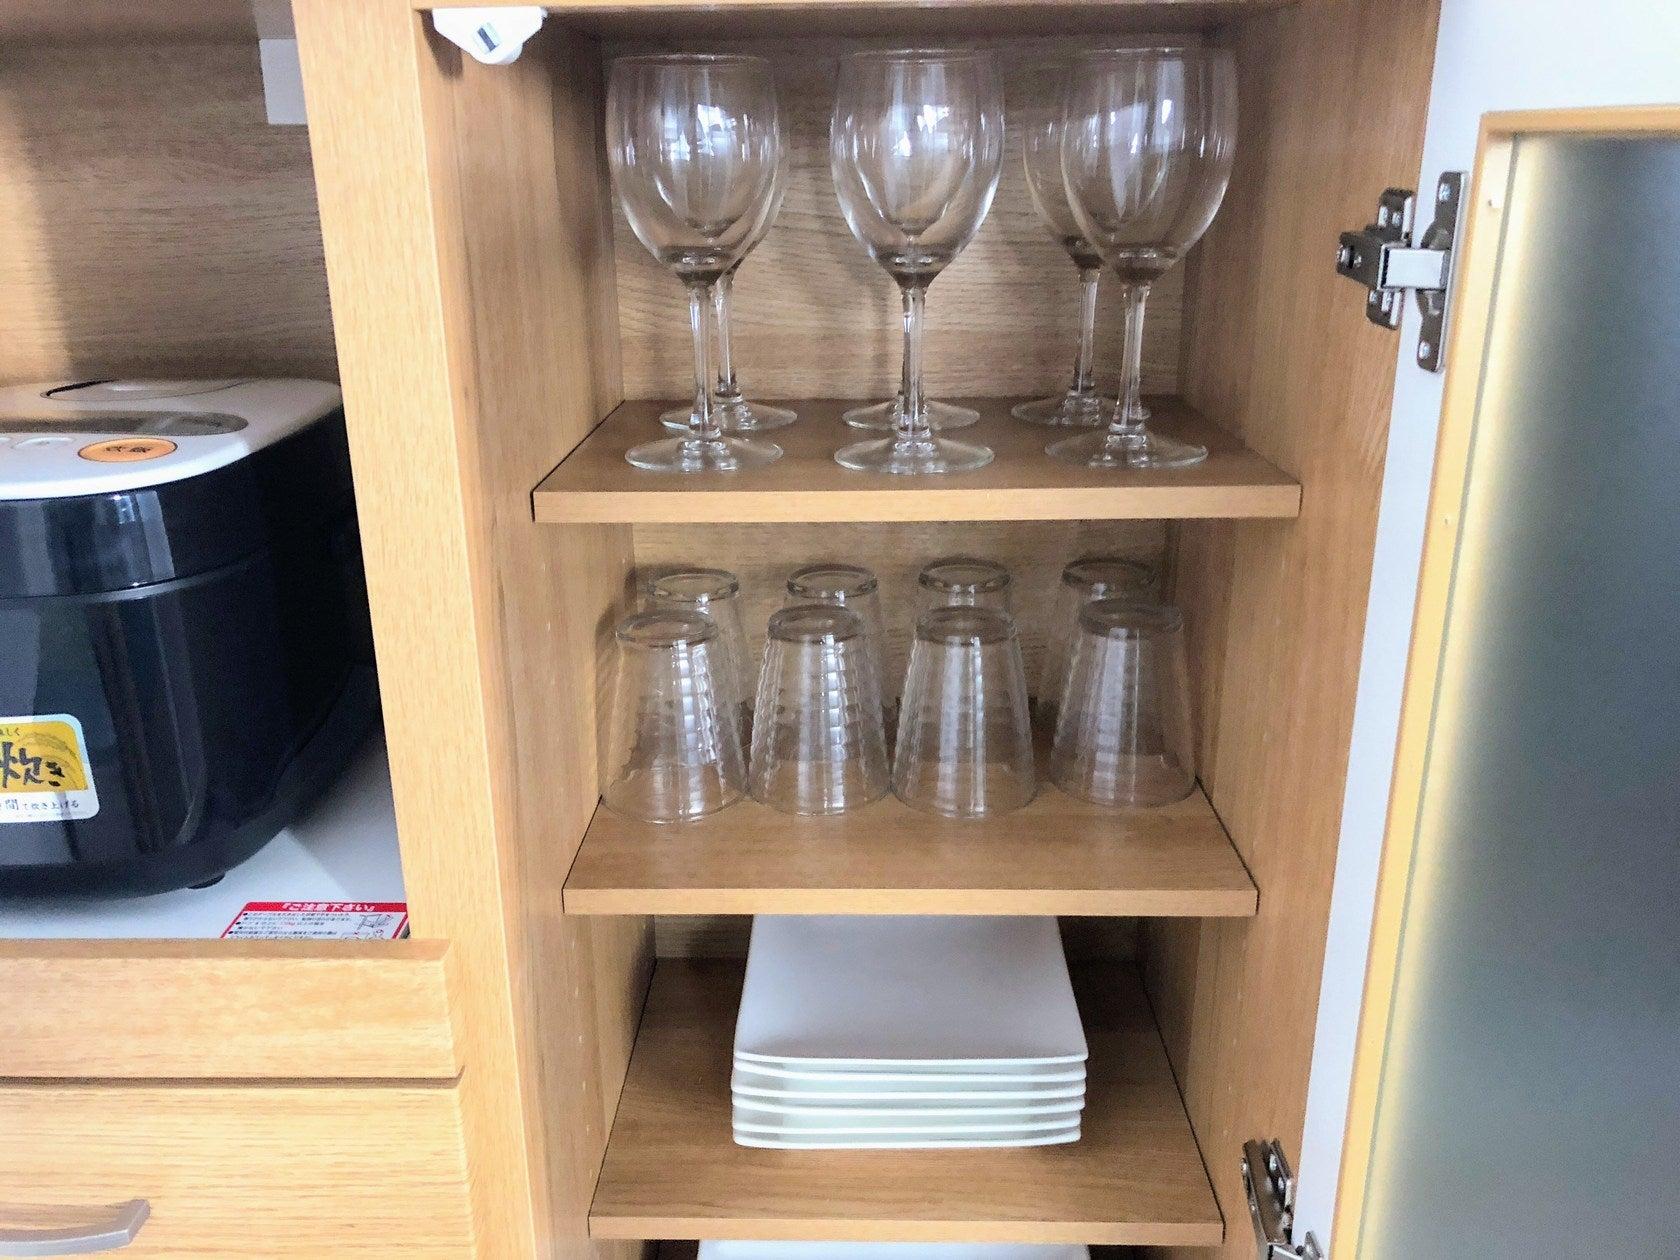 グラスなど。外に持ち出す時は破損に気をつけてください。破損は基本、弁償でお願いします。